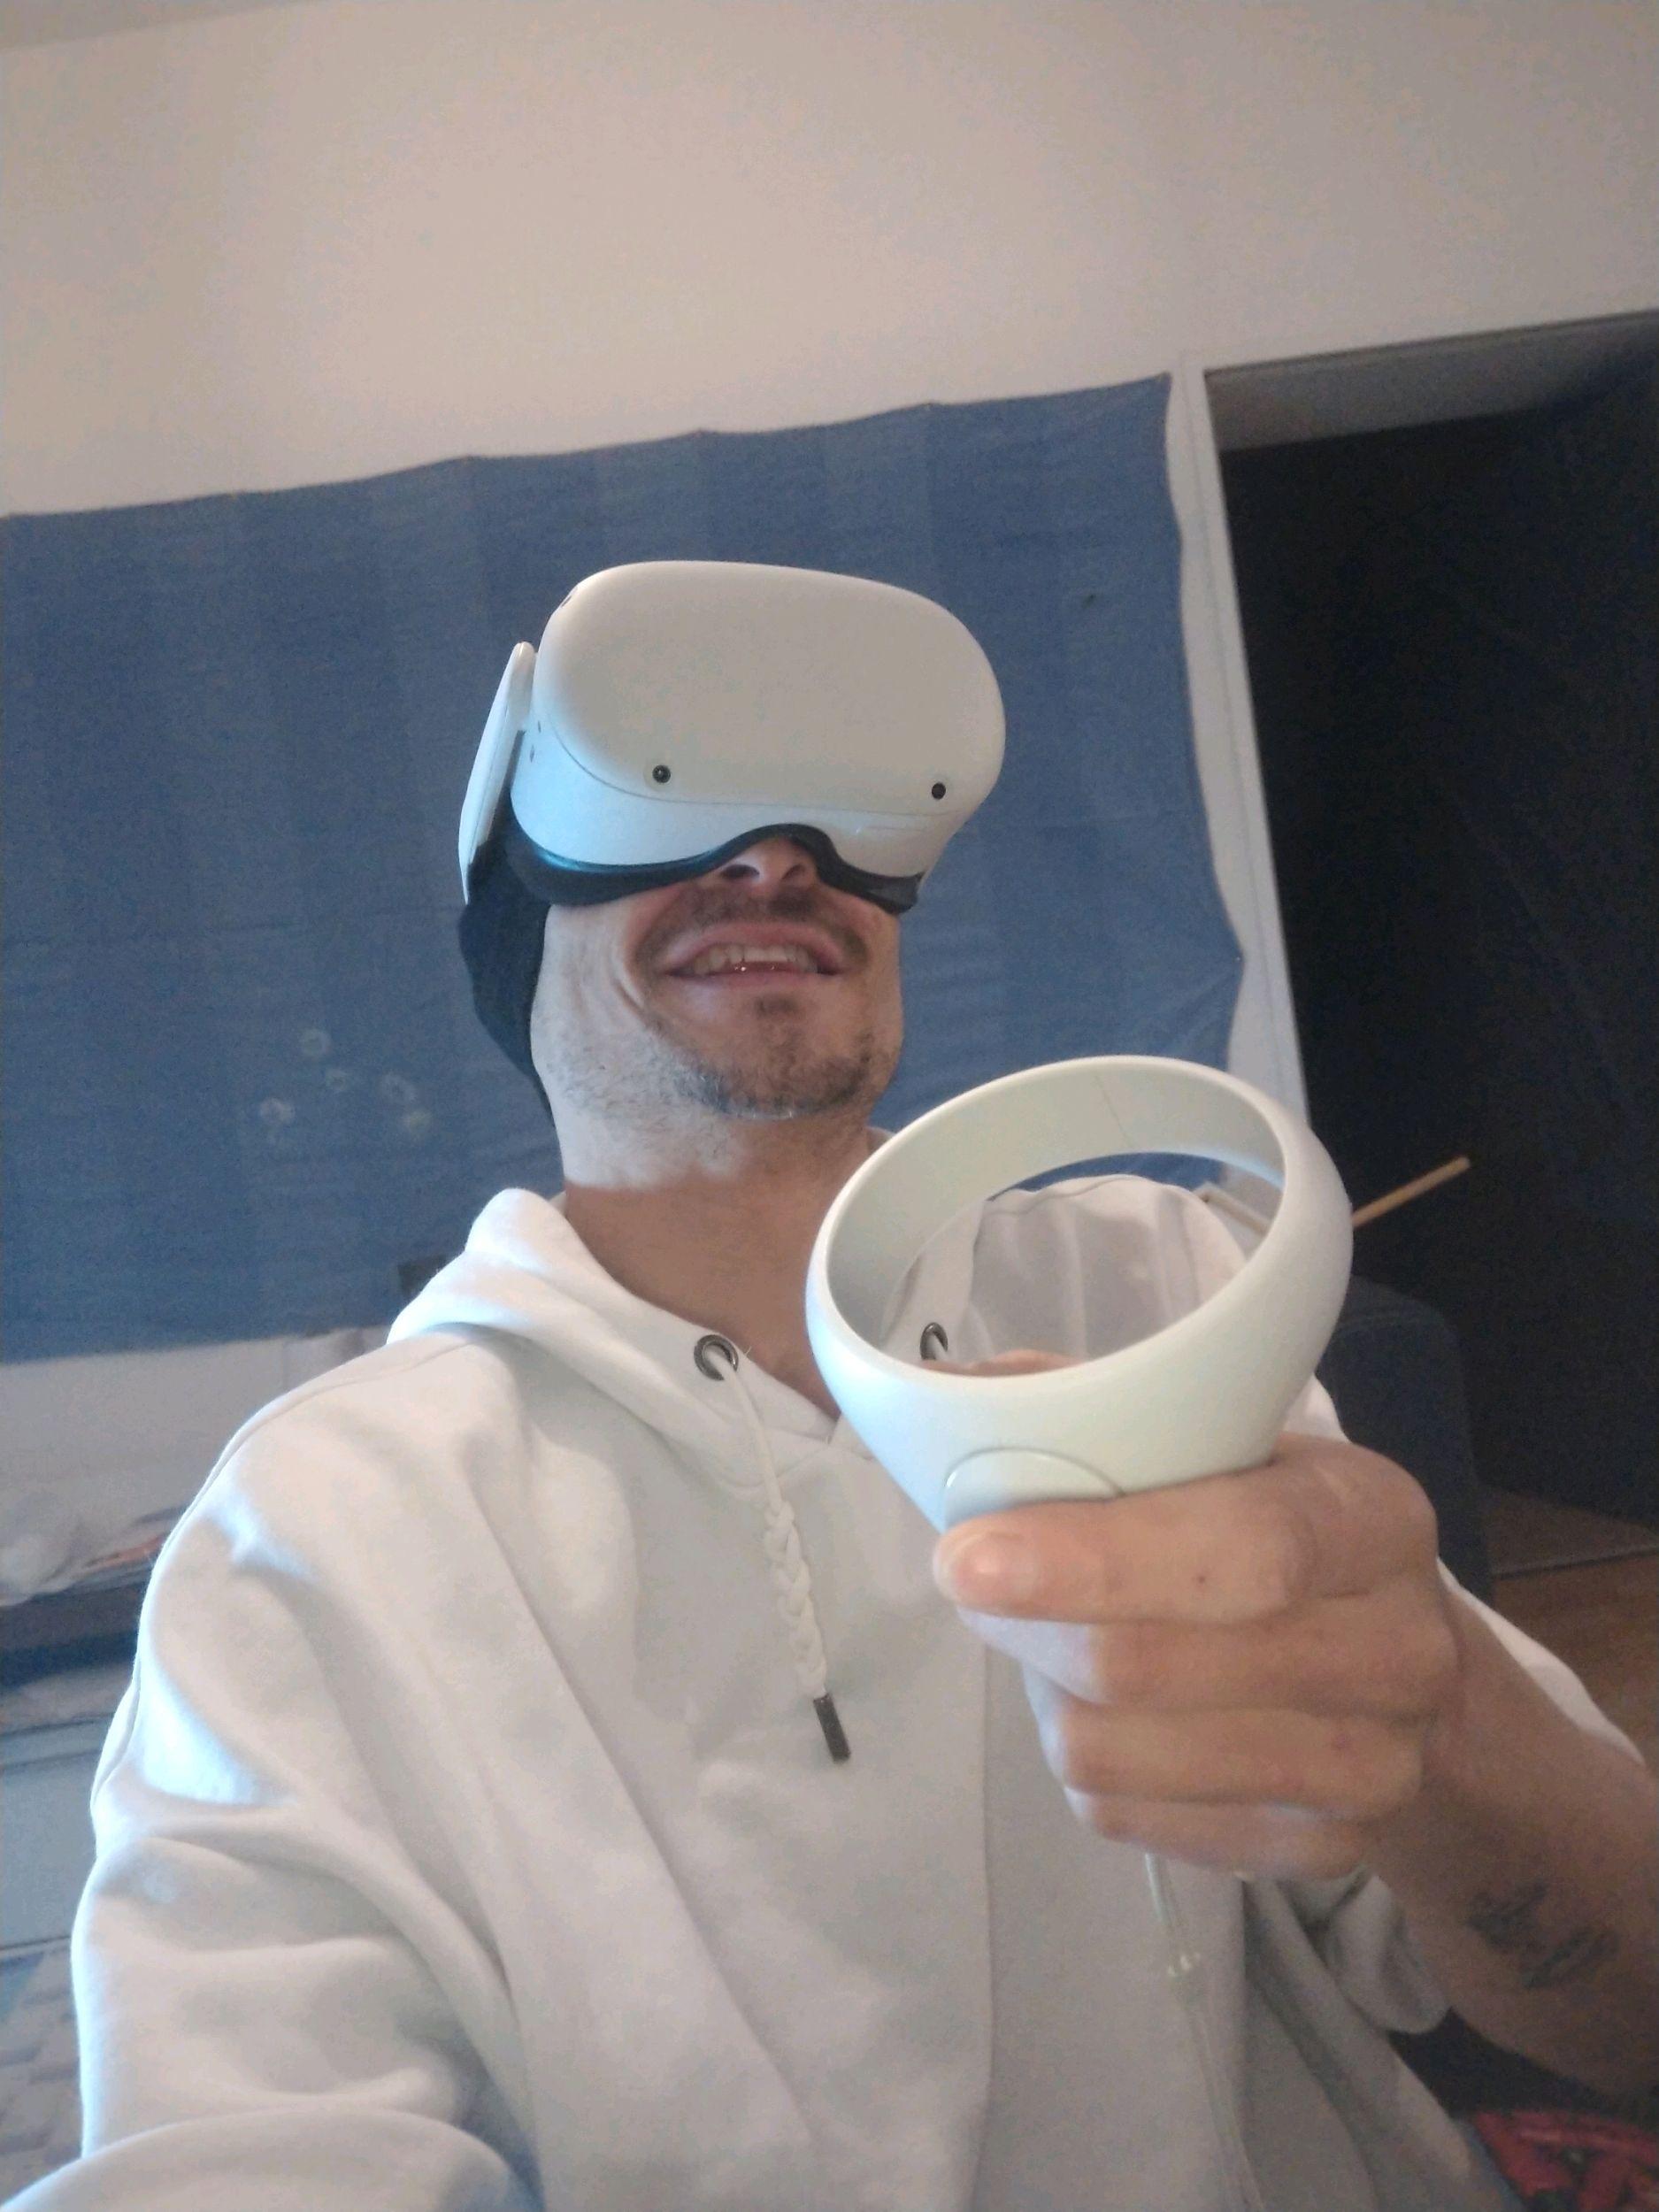 Uploaded by @Ricks #VR